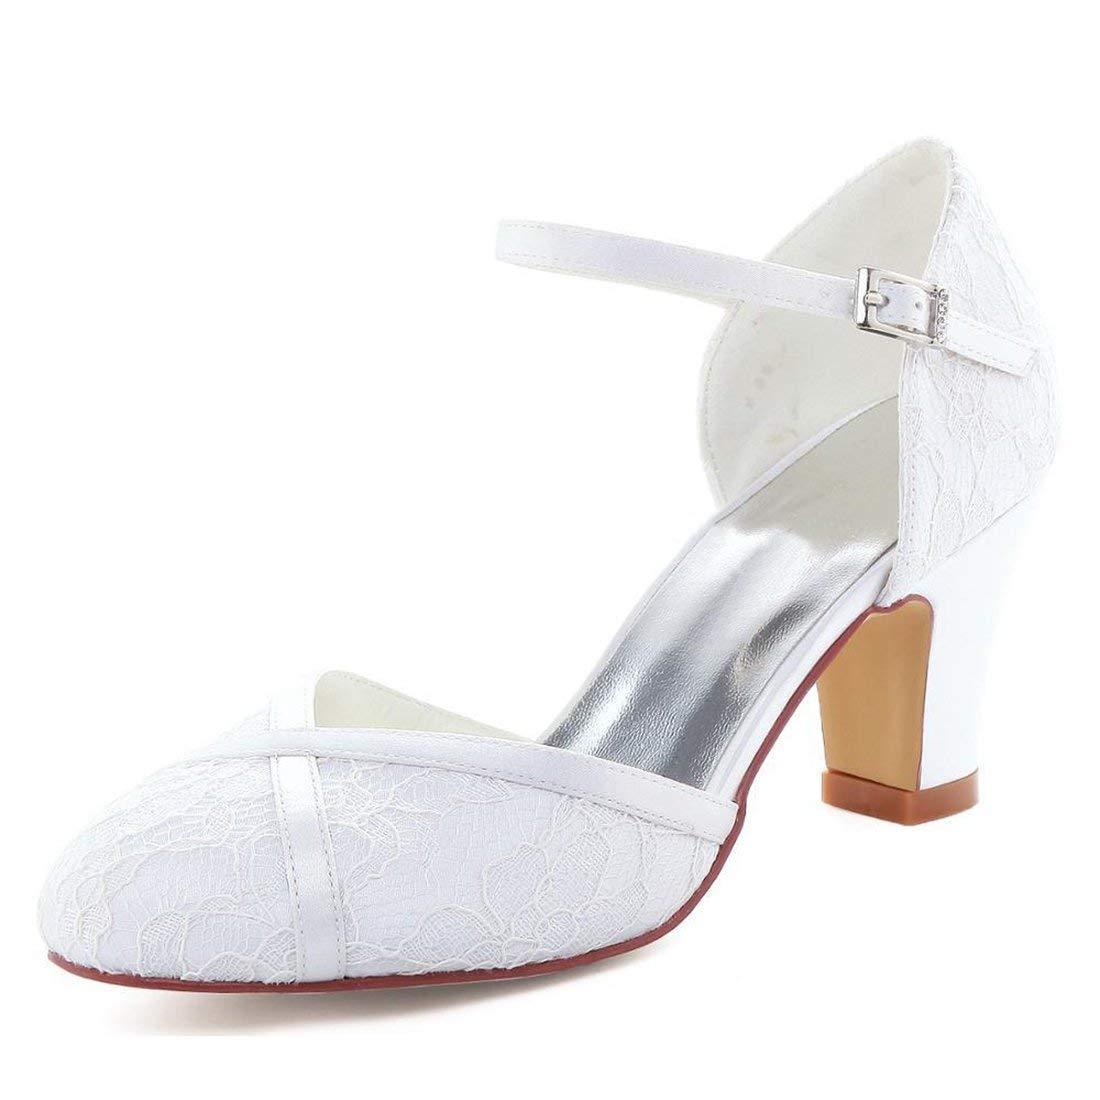 Qiusa Damen Mandel Toe Chunky Med Ferse Spitze Braut Hochzeit Pumps (Farbe   Weiß-6cm Heel, Größe   5 UK)